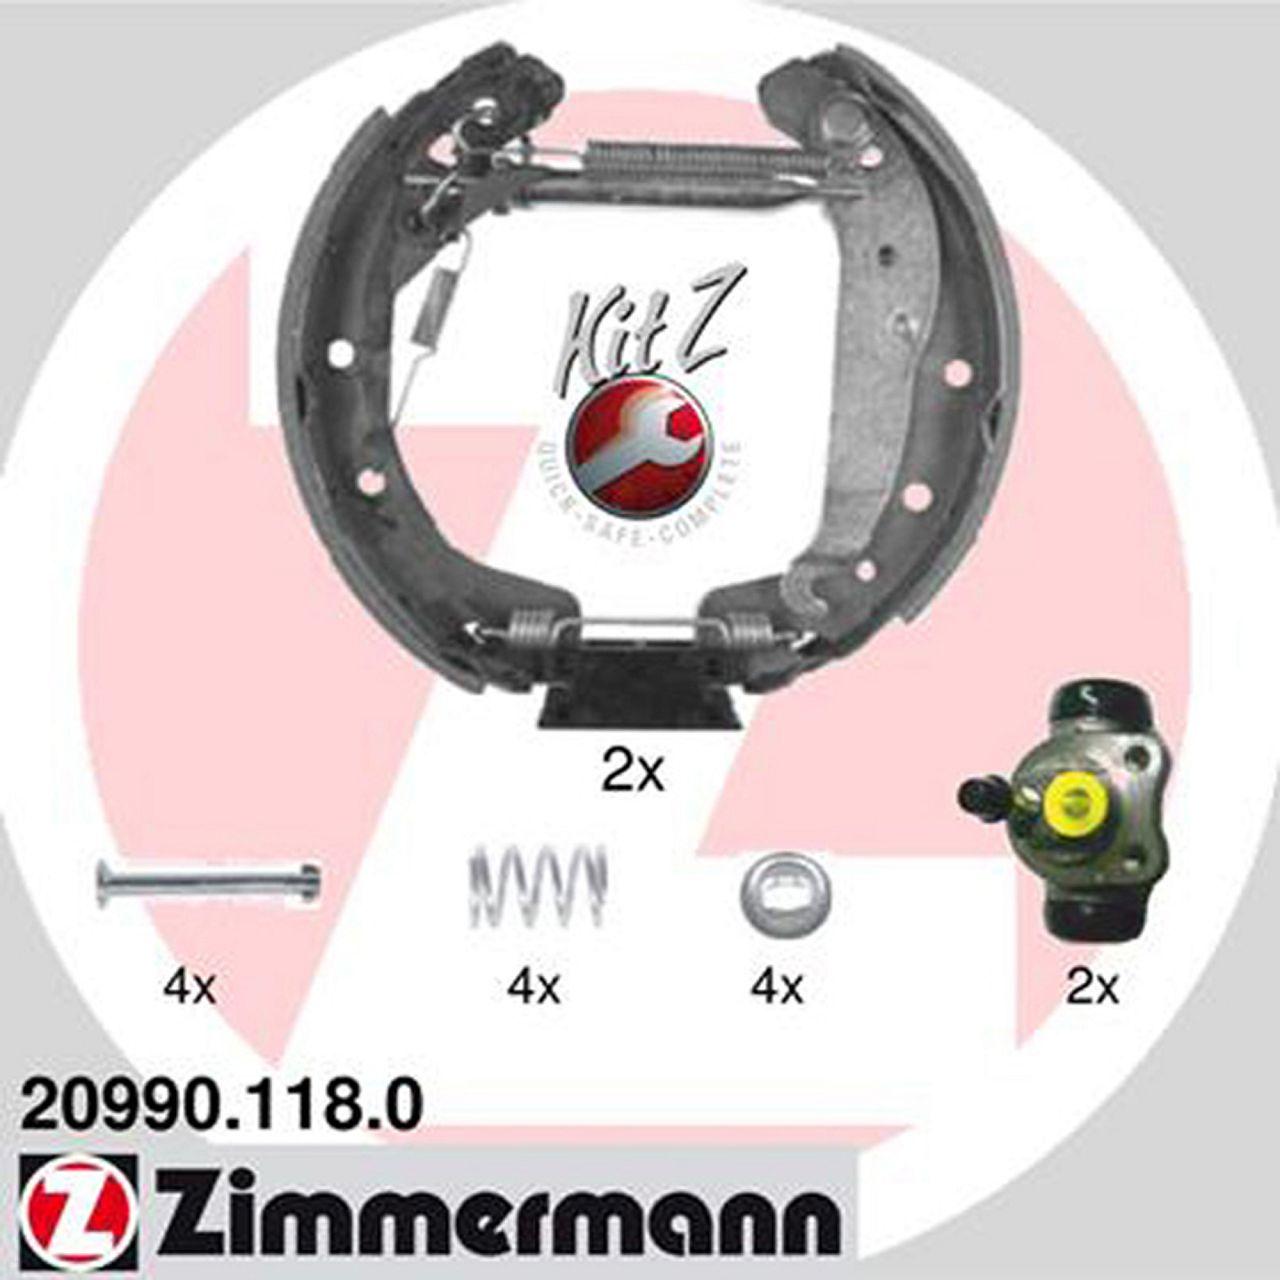 ZIMMERMANN Bremsbacken + Radbremszylinder Satz für Opel Astra G ab Fgst. Combo